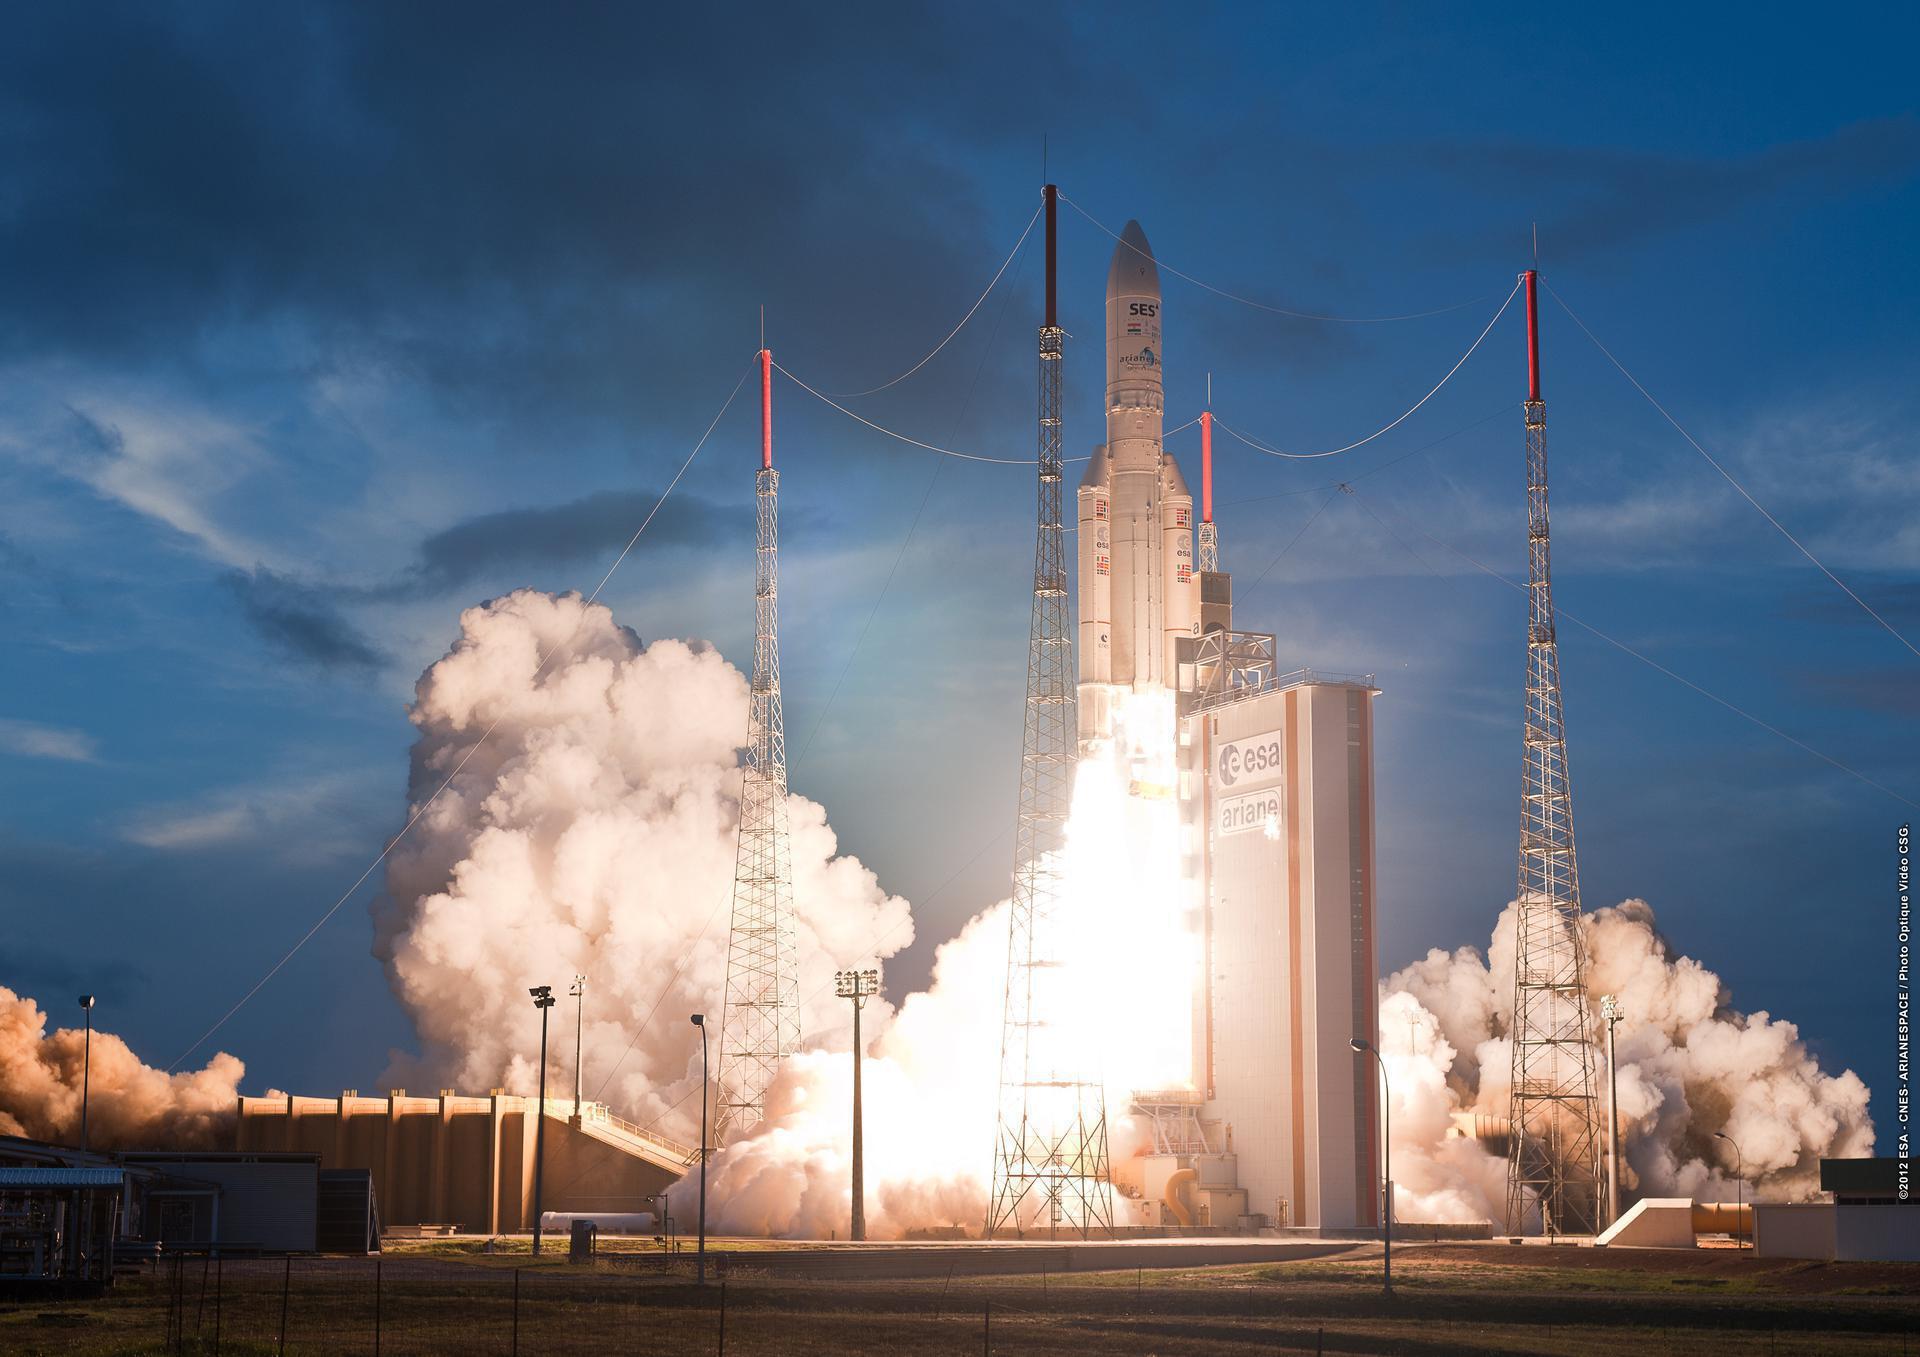 Ariane 5 ECA+ | JCSAT-17 & GEO-KOMPSAT-2B